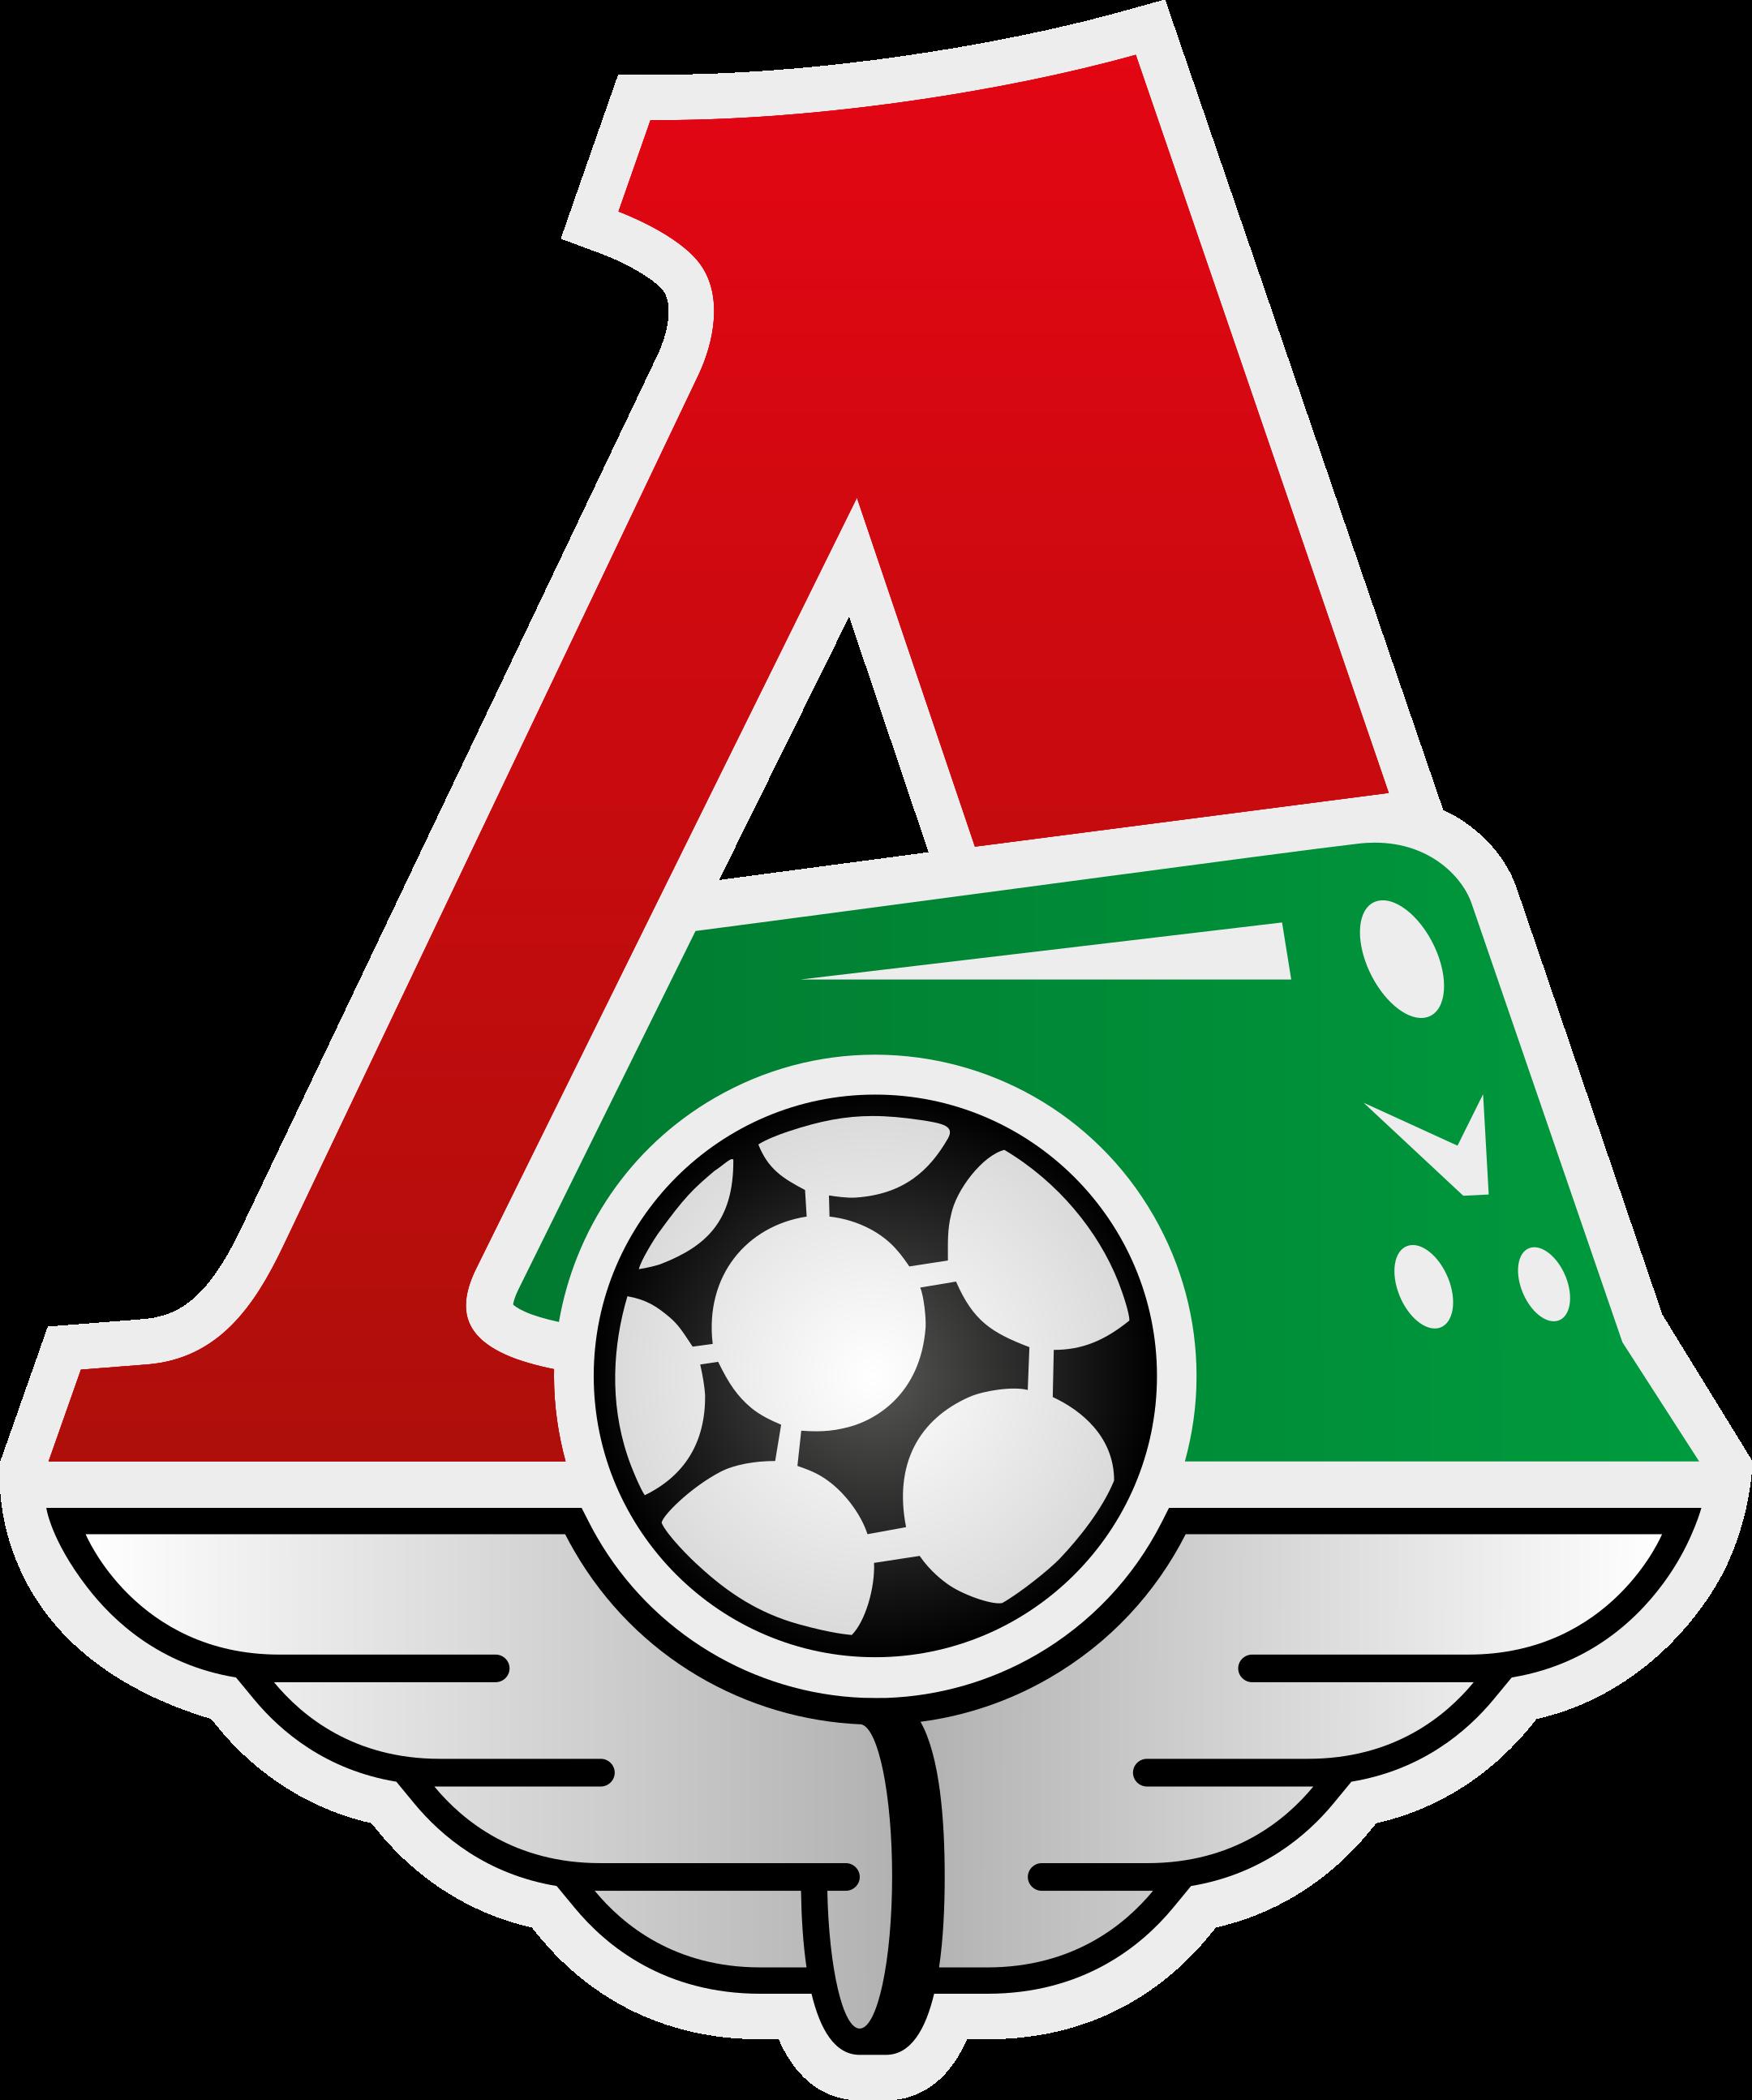 lokomotiv logo 1 - FC Lokomotiv Moscow Logo